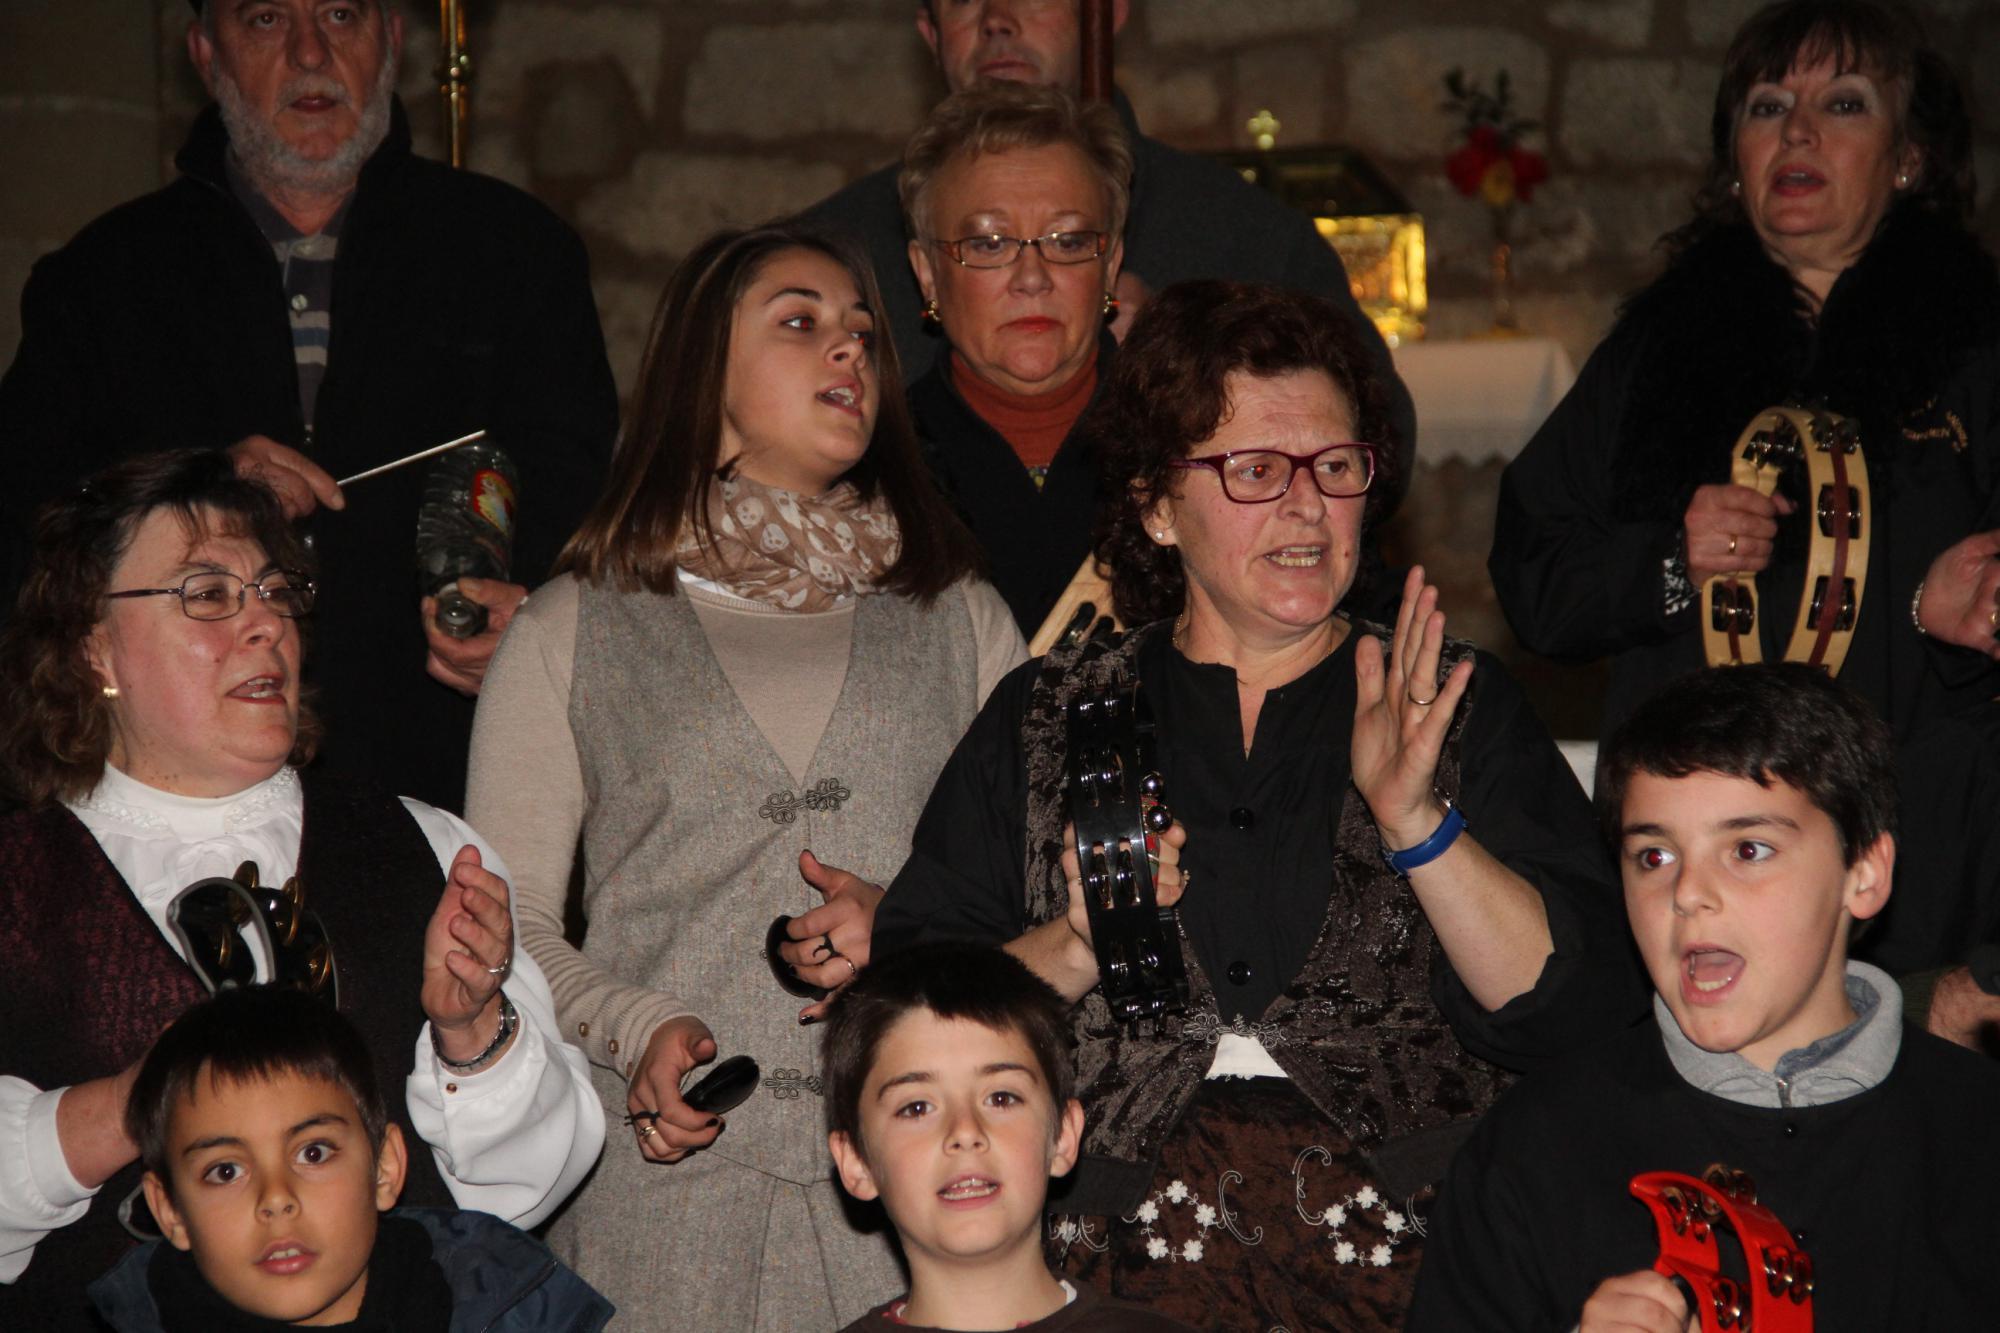 Ocho rondas alcarreñas le dan la bienvenida a la navidad en Pareja